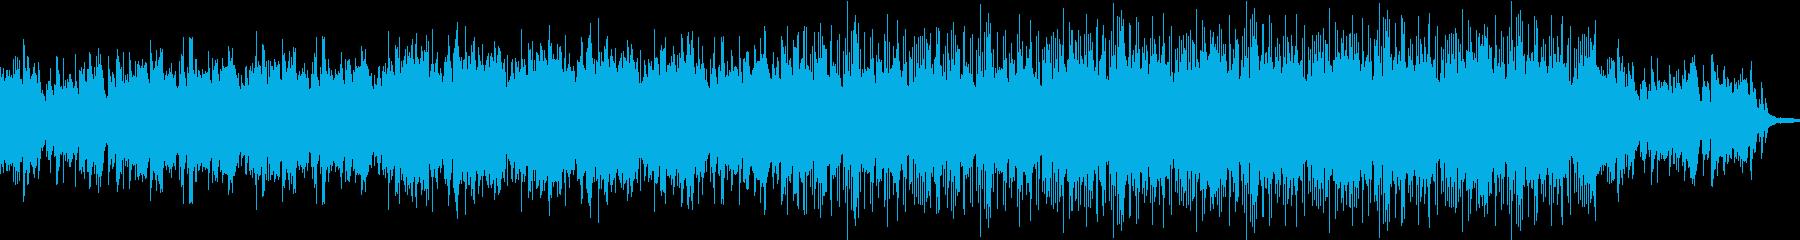 アルペジオ。ピアノとギター。の再生済みの波形